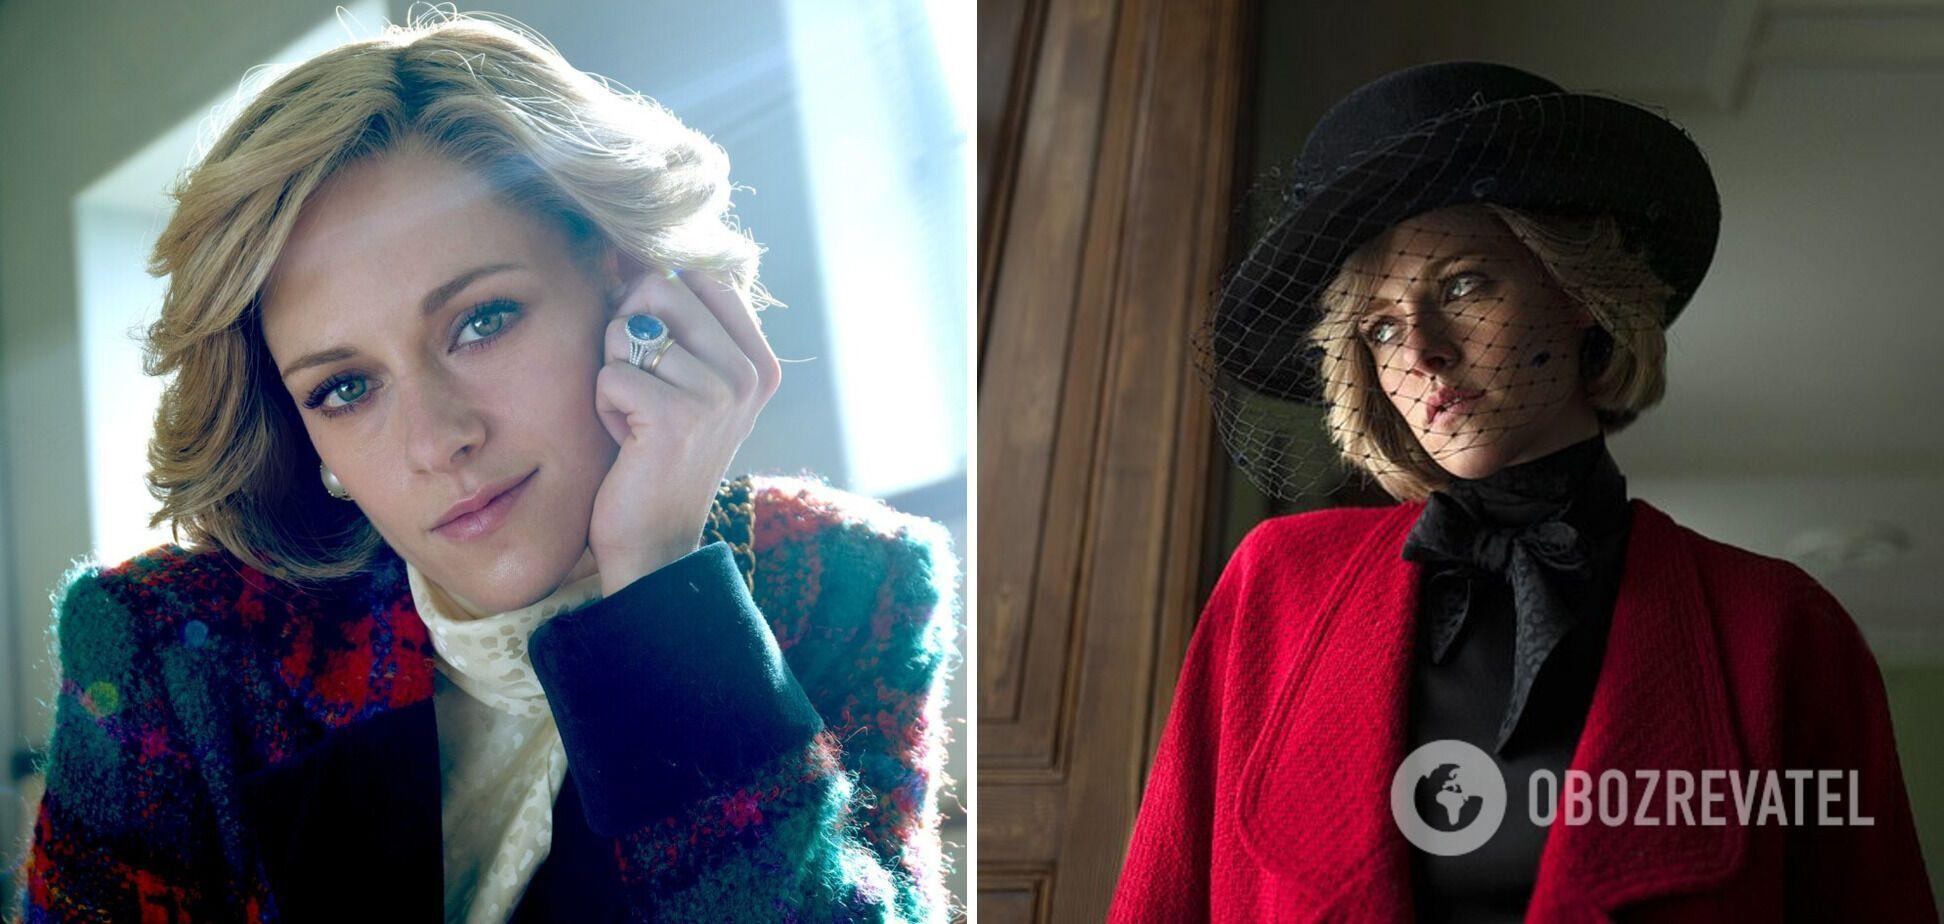 Кристен Стюарт в роли принцессы Дианы.